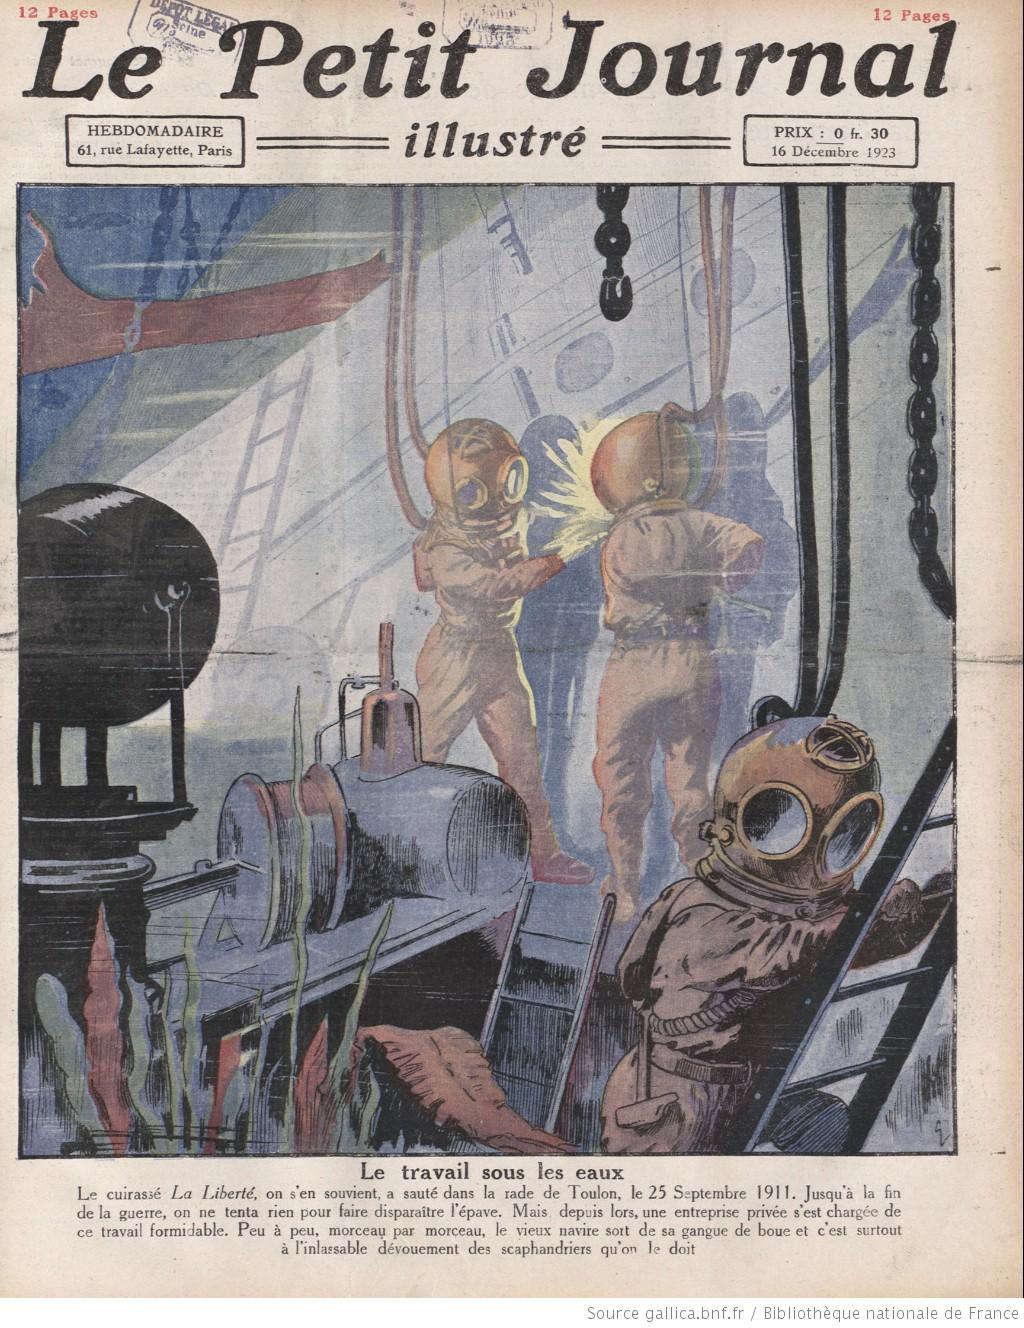 """Công nhân đang mang các thiết bị chuyên dụng rồi lặn xuống đáy biển để phục hồi, sửa chữa và """"hồi sinh"""" con tàu La Liberté, con tàu lừng danh của nước Pháp bị phát nổ và chìm xuống vịnh Toulon ở Pháp vào cuối tháng 9 năm 1911."""